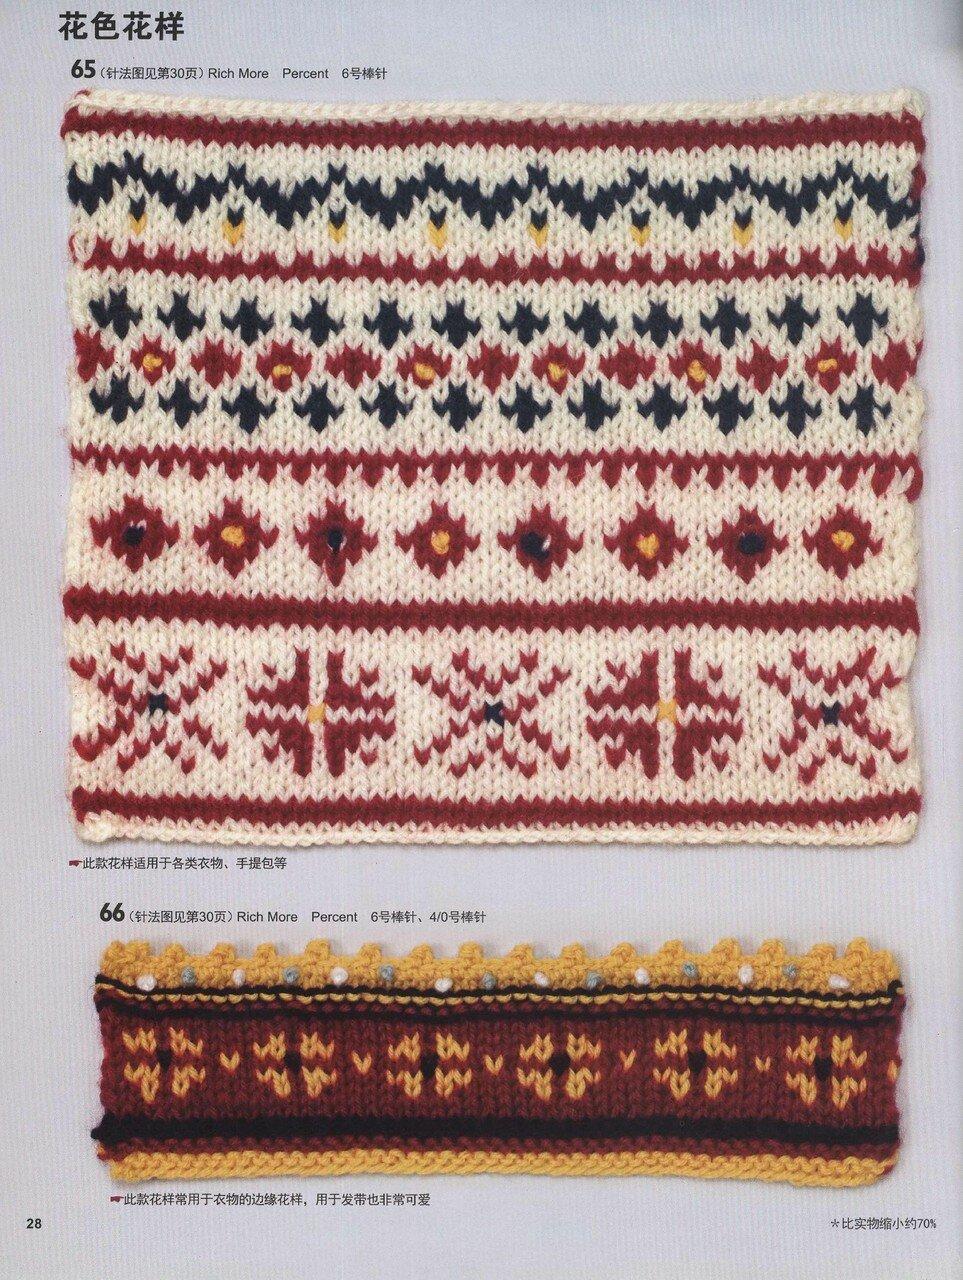 150 Knitting_30.jpg